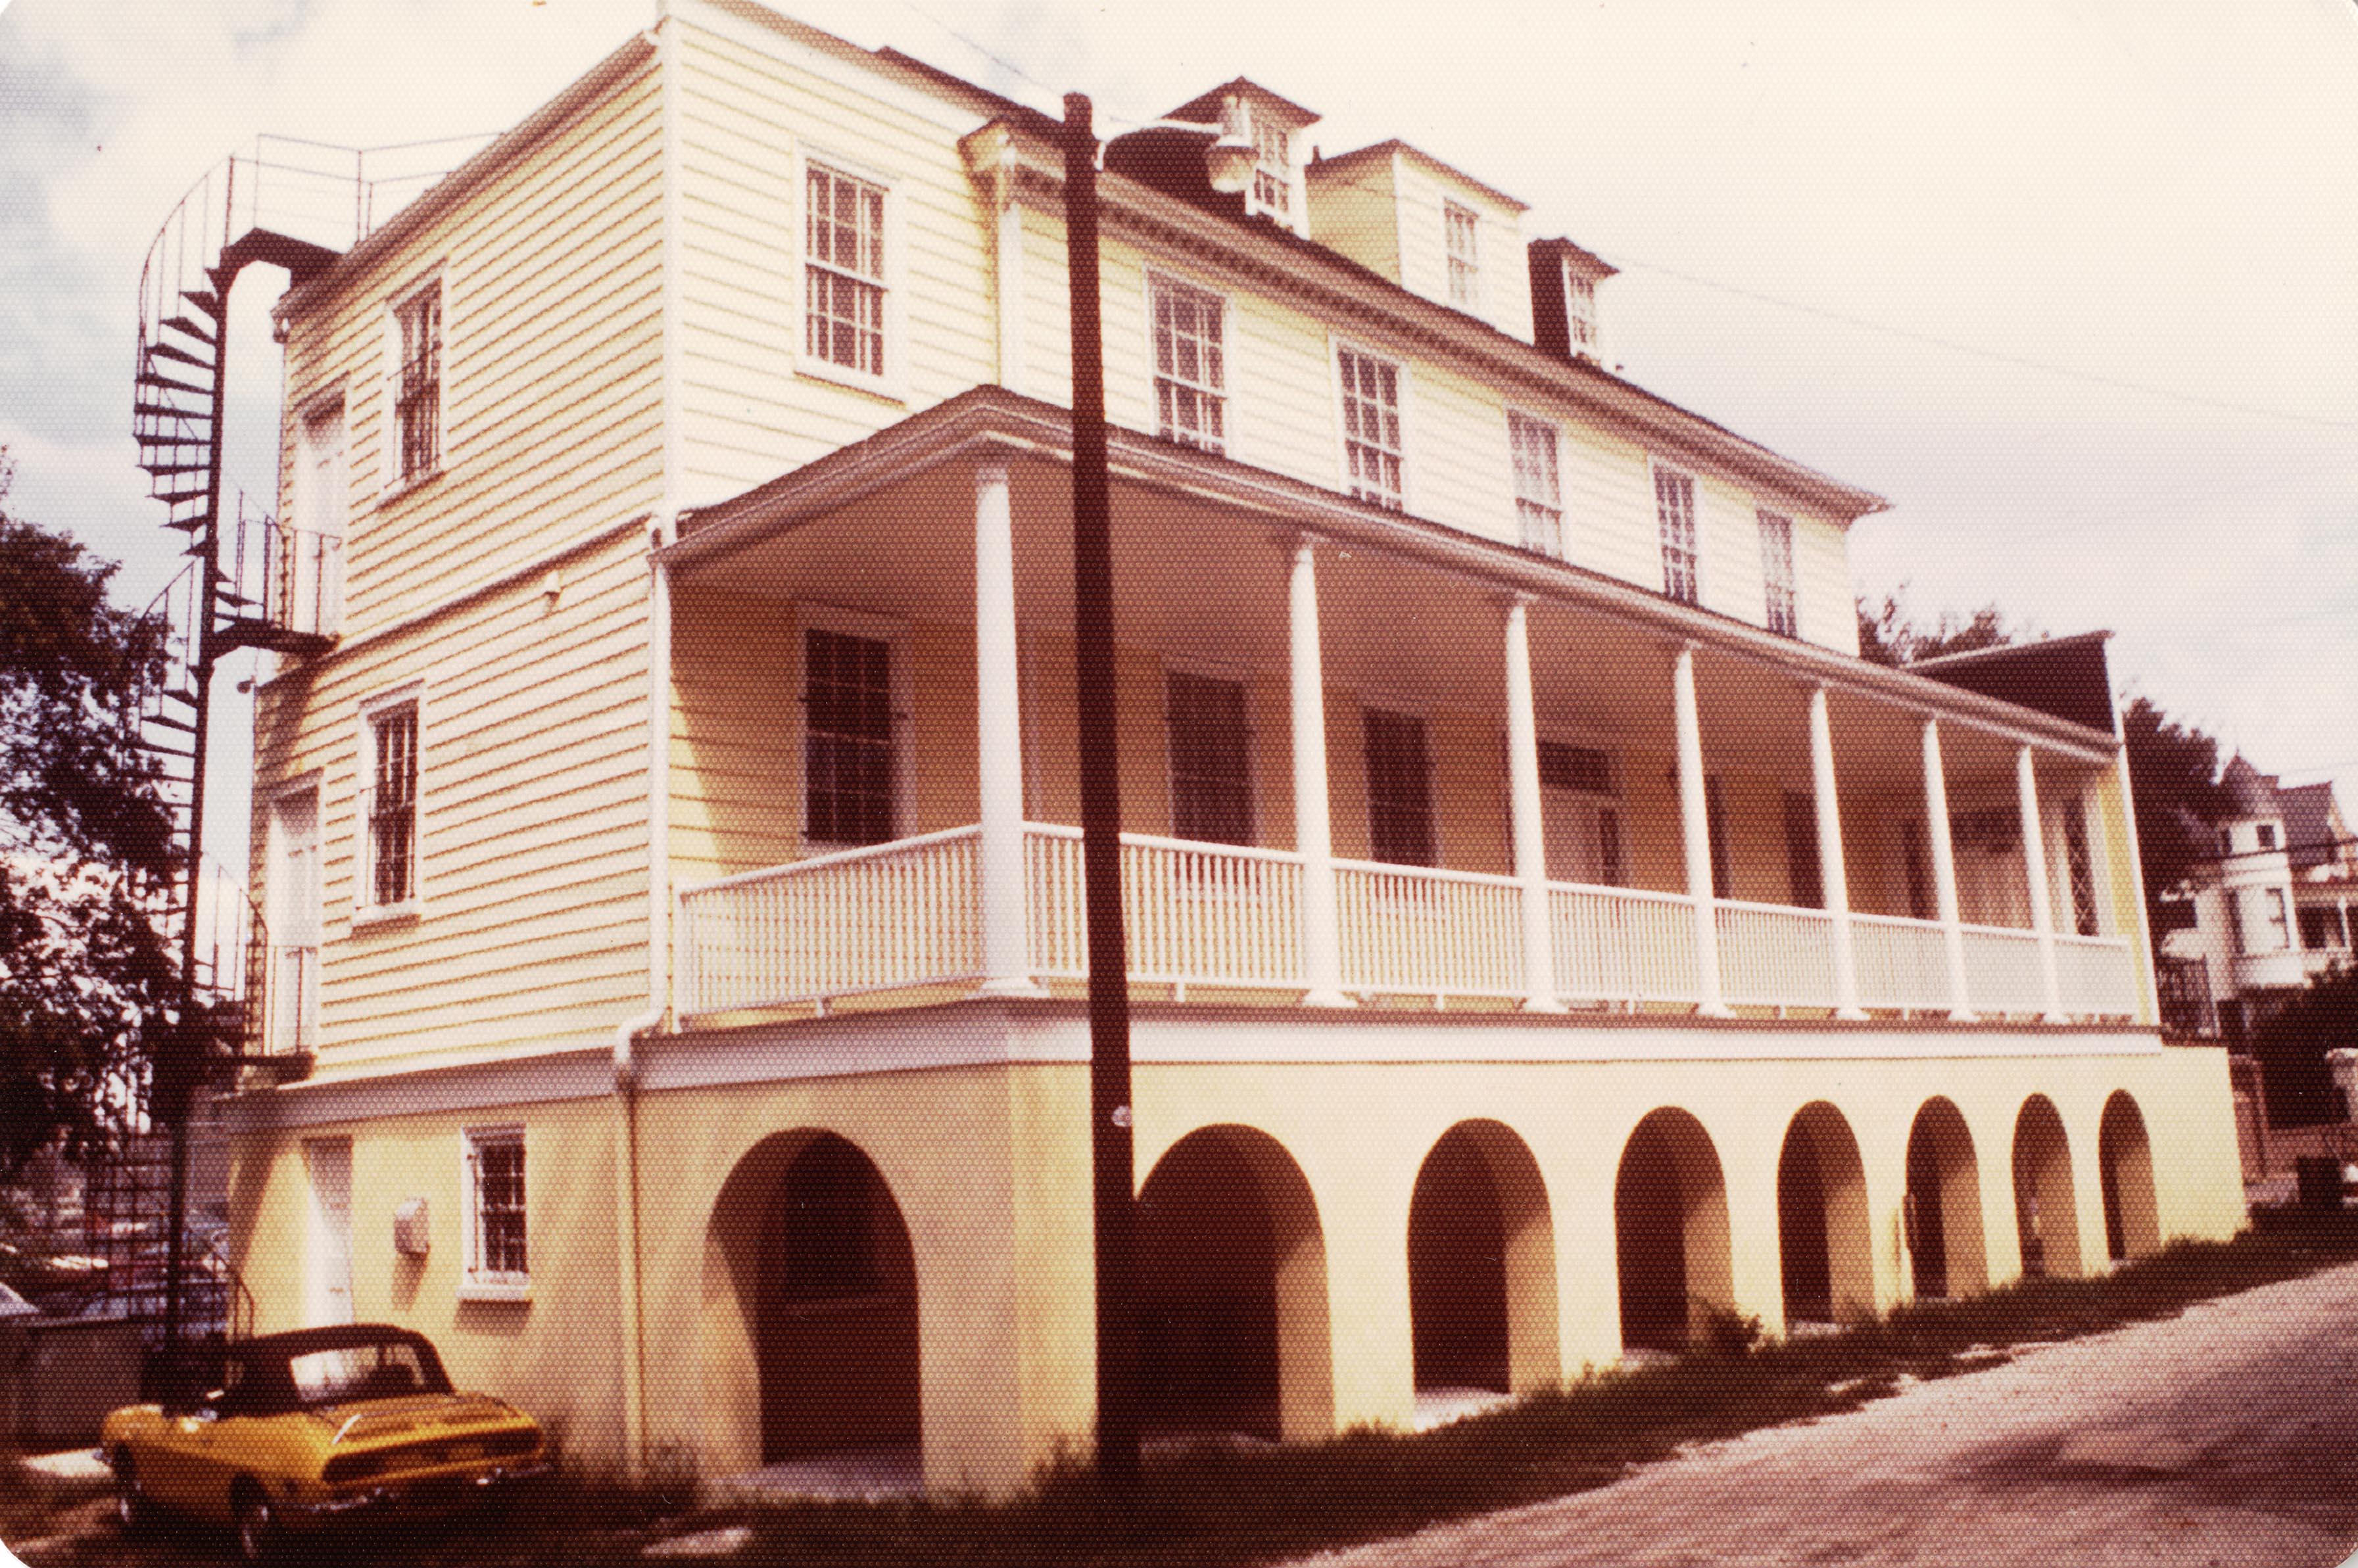 Farr House